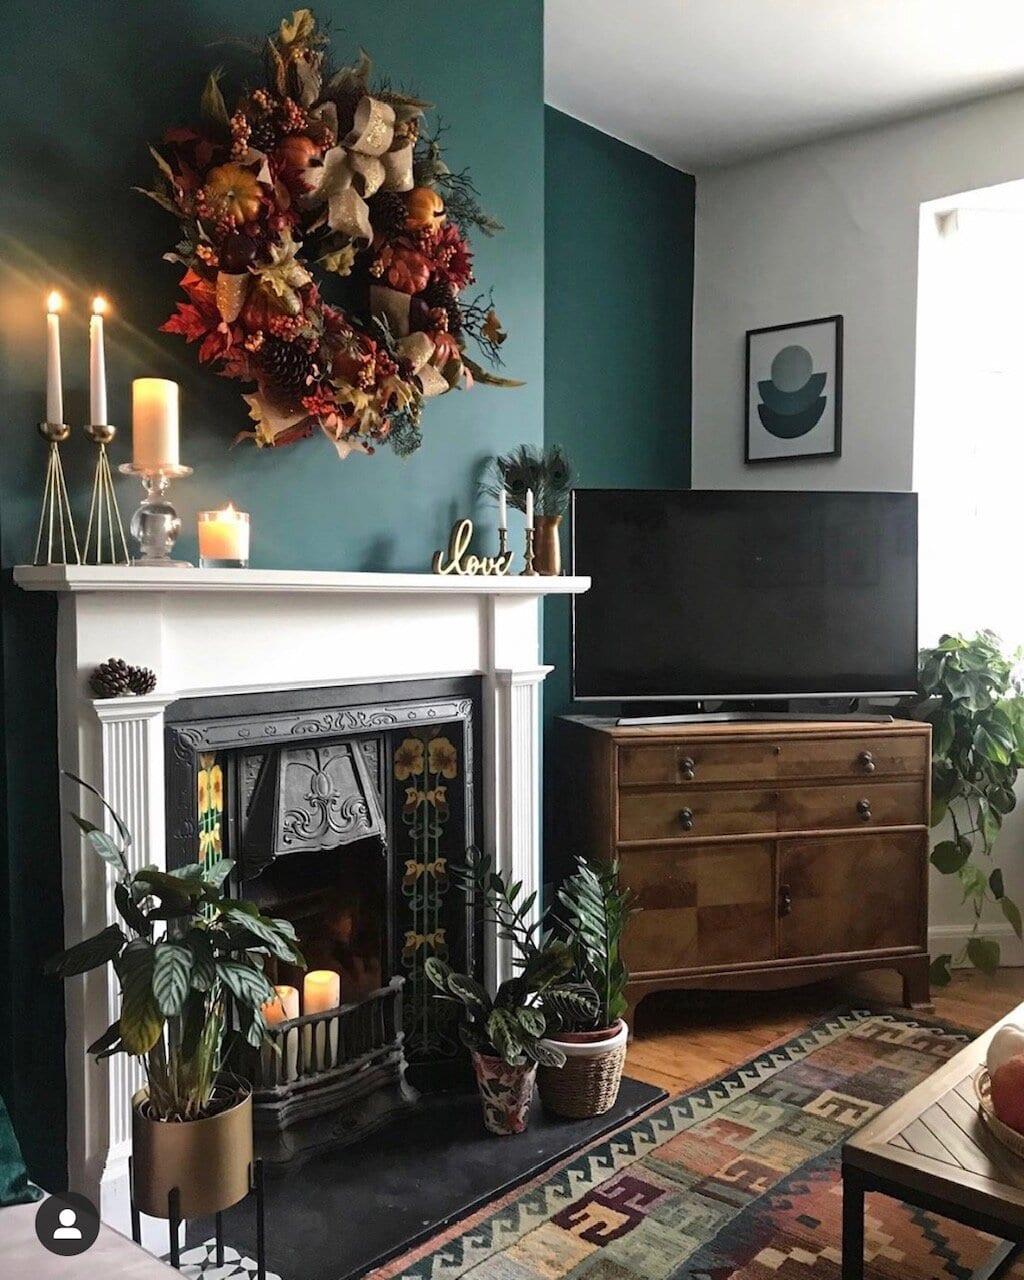 My autumn/Halloween decor consisted of an autumnal wreath